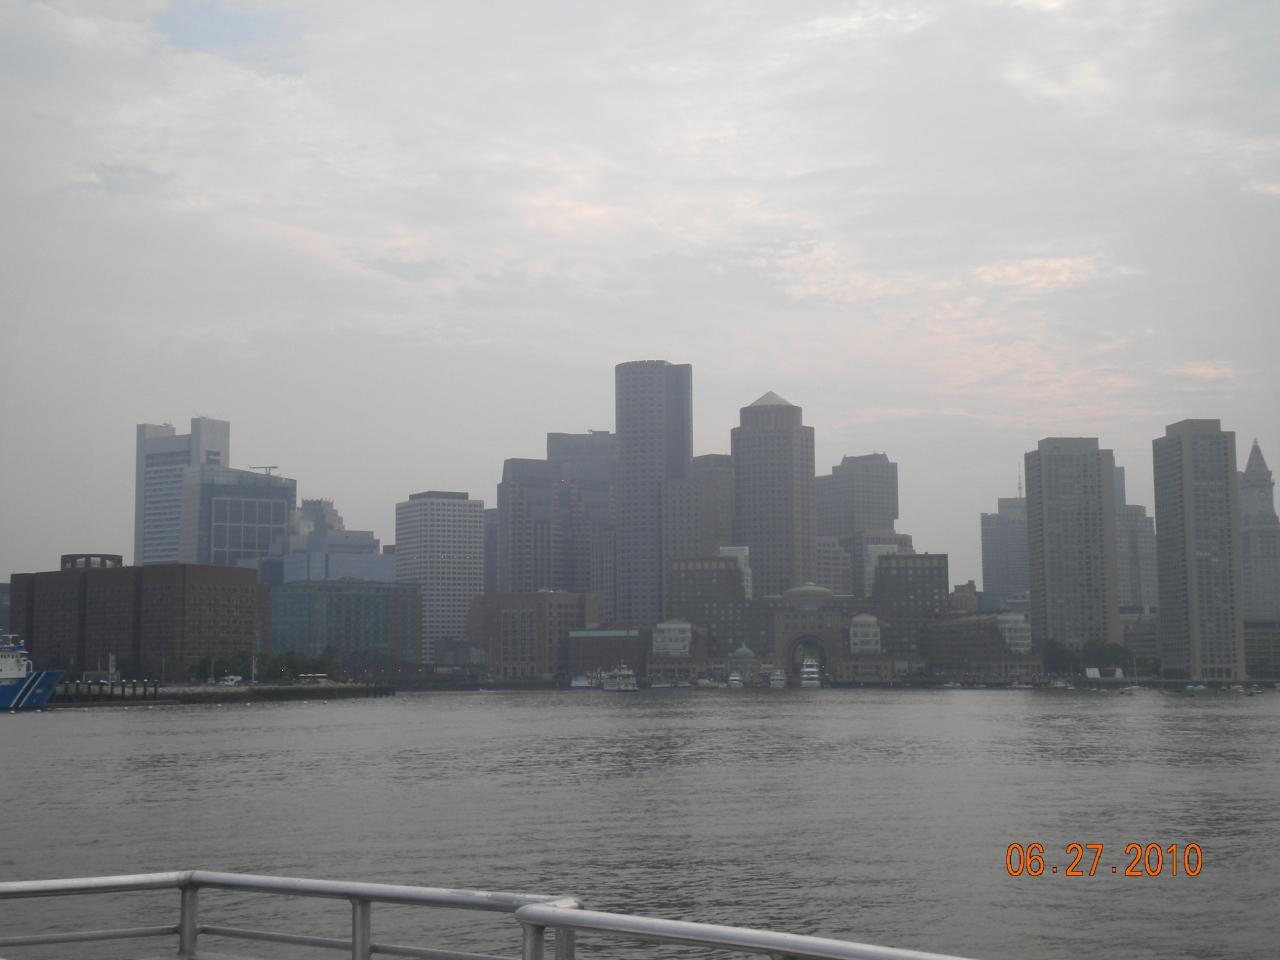 b3a5e29d34 念願のボストンへ、初の旅行!! その①』ボストン(アメリカ)の旅行記 ...